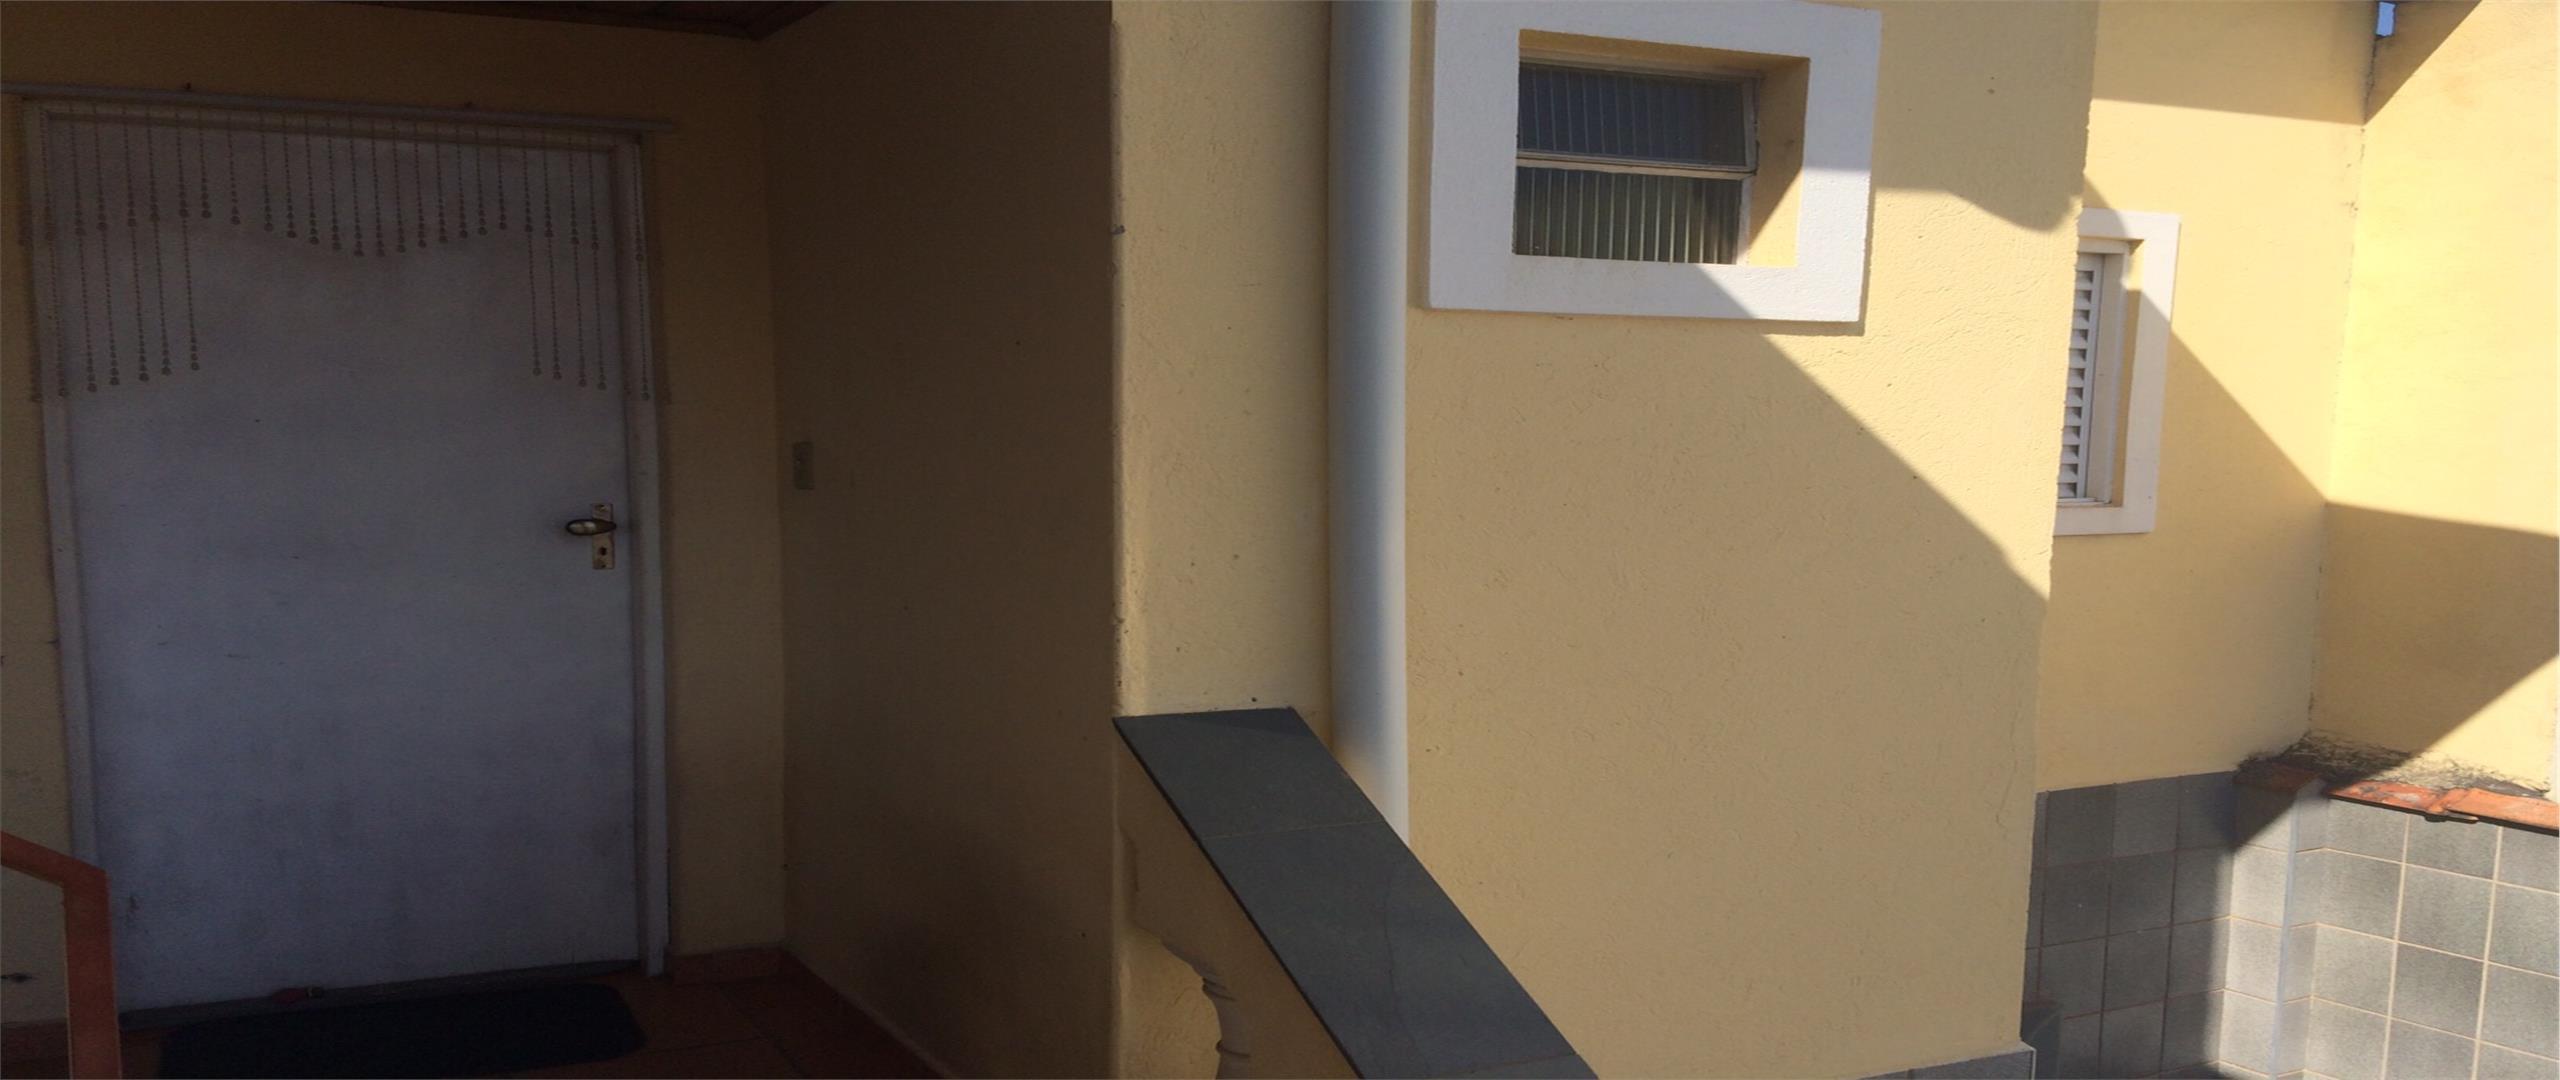 Casa 2 Dorm, Parque Continental, Guarulhos (CA0796) - Foto 10